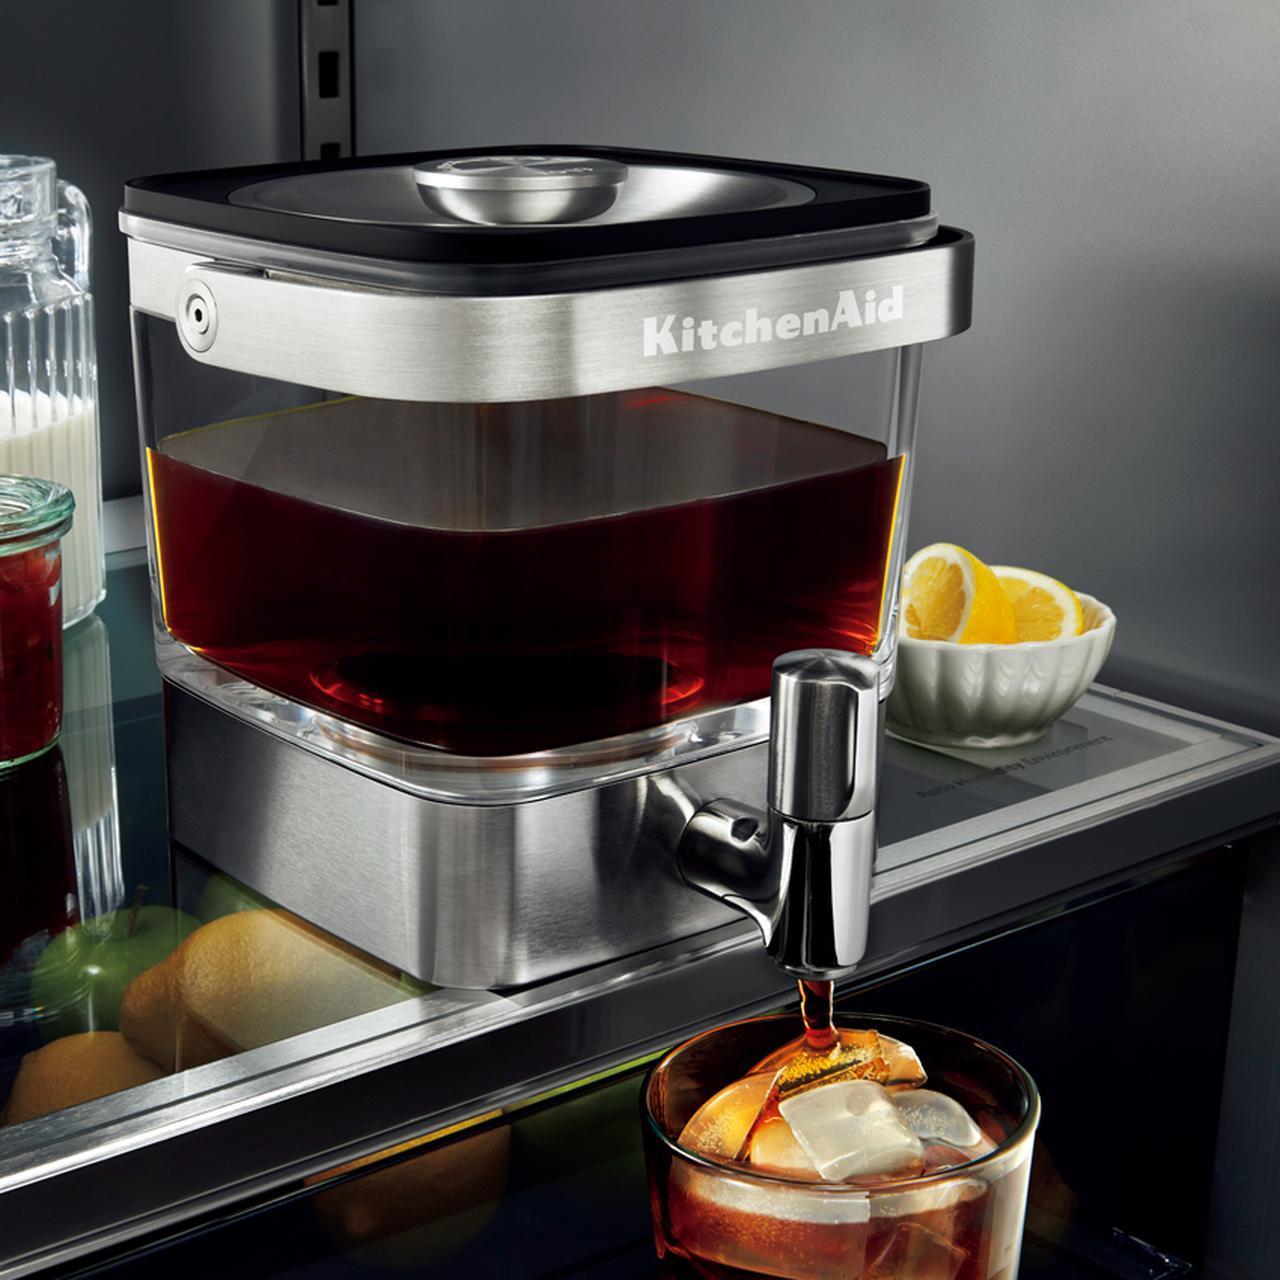 画像2: KitchenAid COLD BREW COFFEE MAKER KCM4212SX